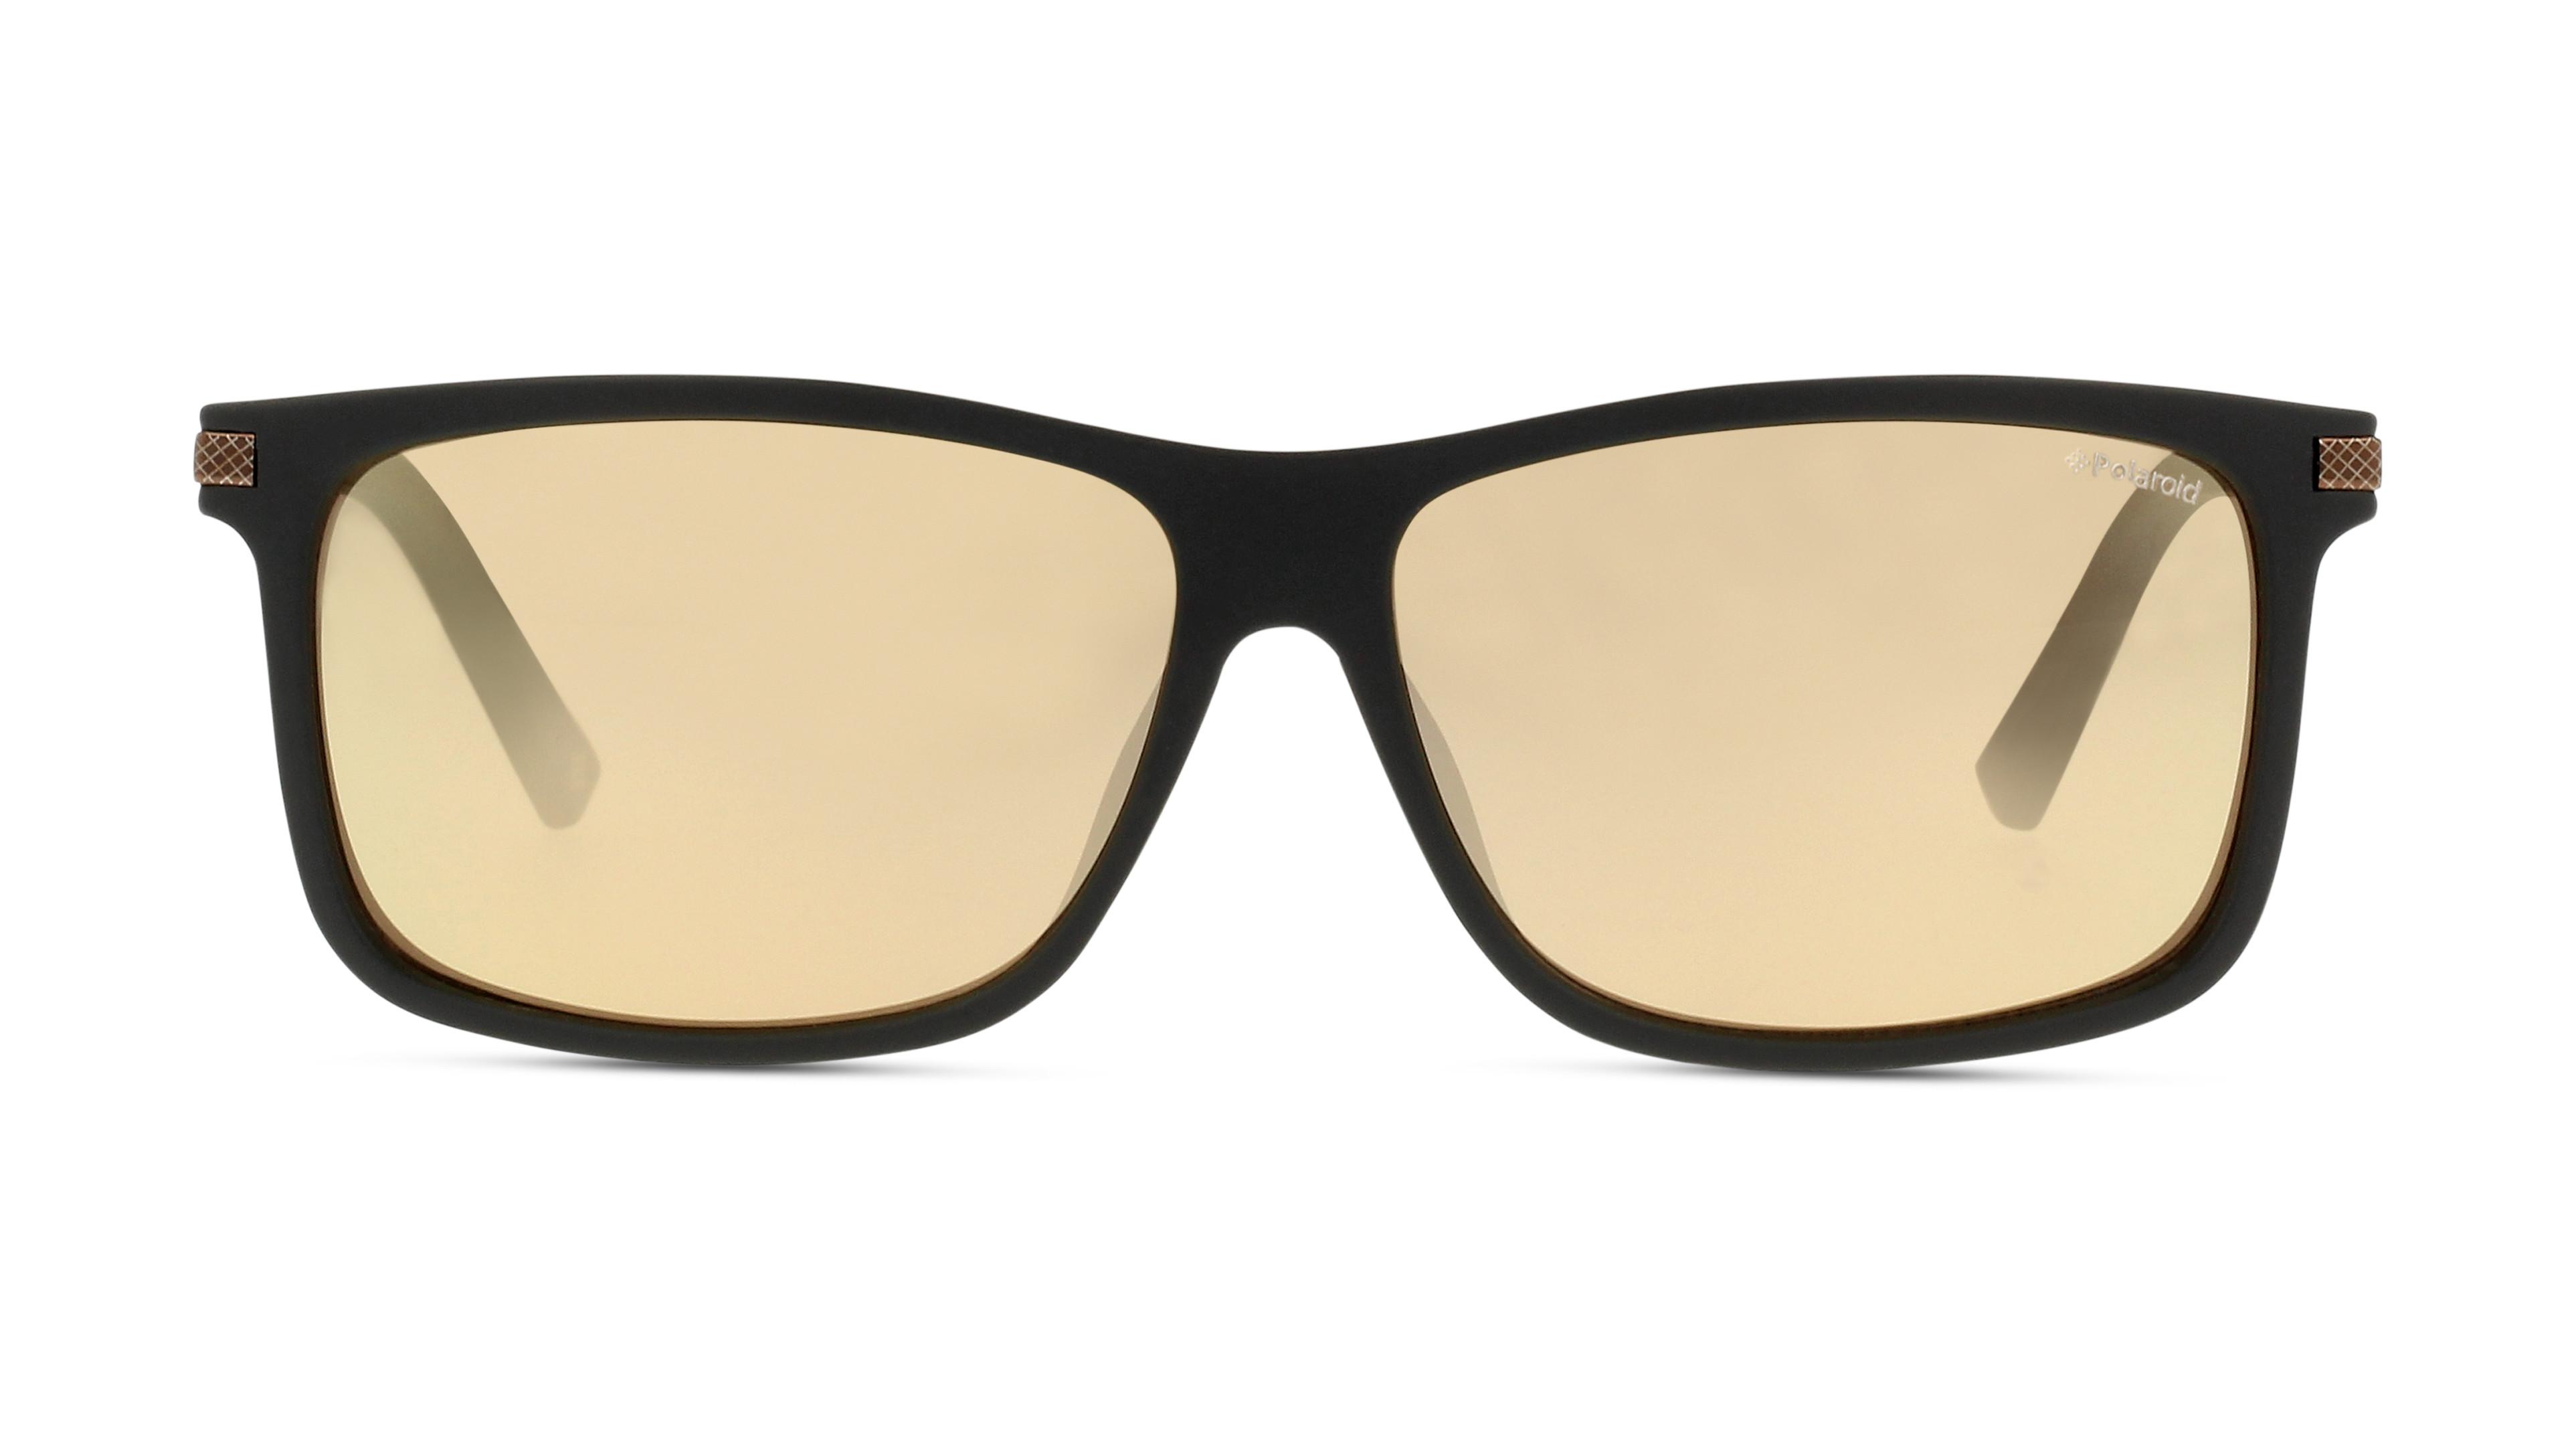 716736139906-front-01-polaroid-pld_2075_s_x-eyewear-mtt-black_1